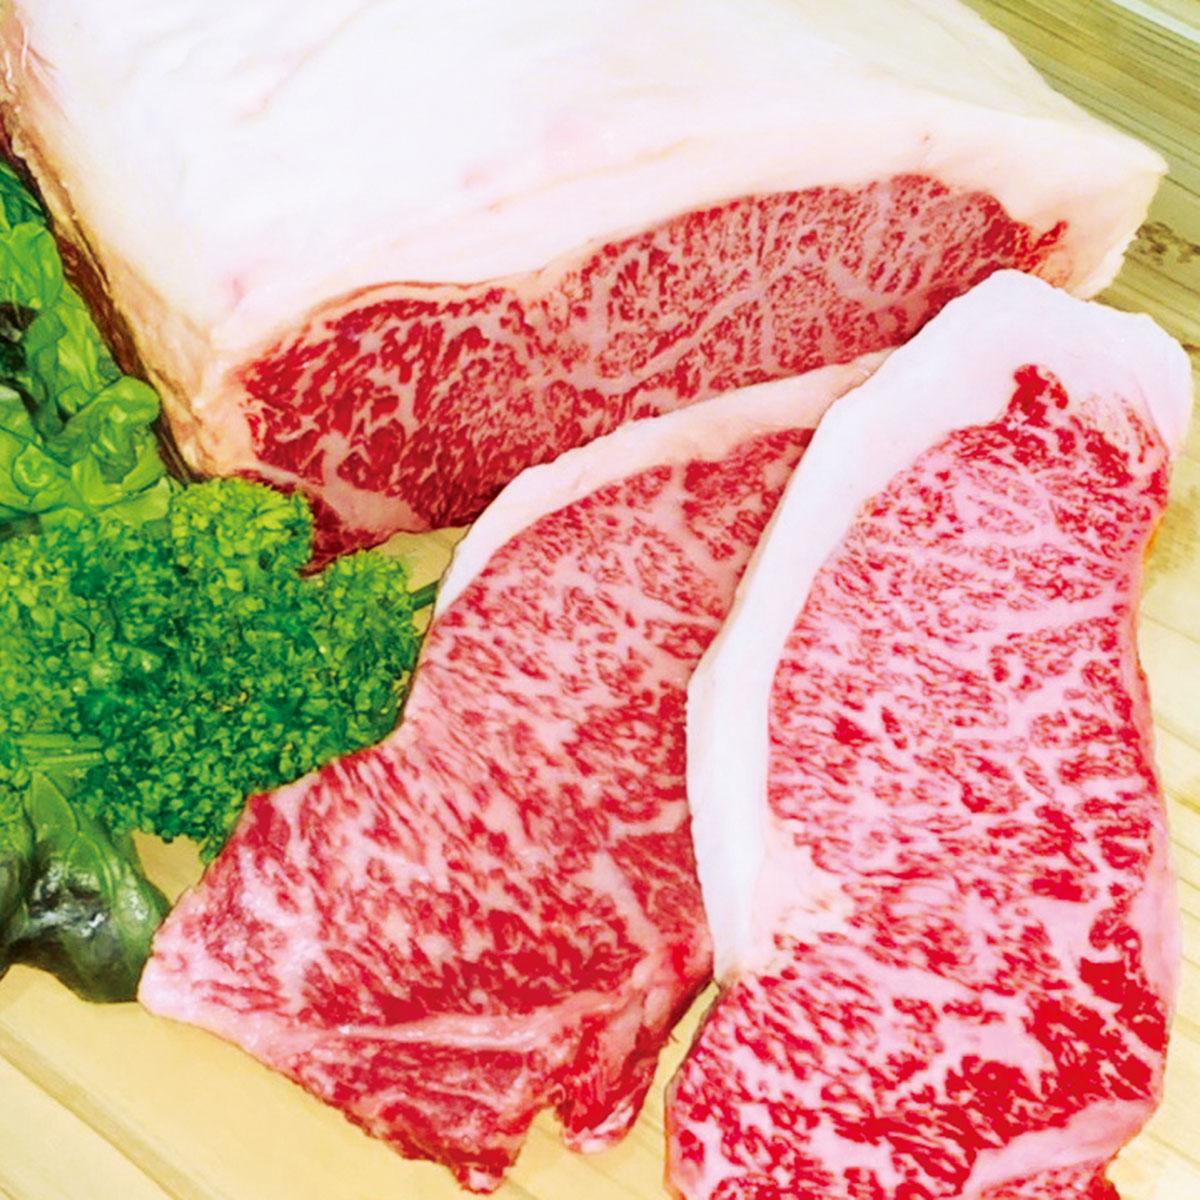 しのはら精肉店「プレミアムほんべつ和牛」 【ふるさと納税】【限定15セット】北海道十勝